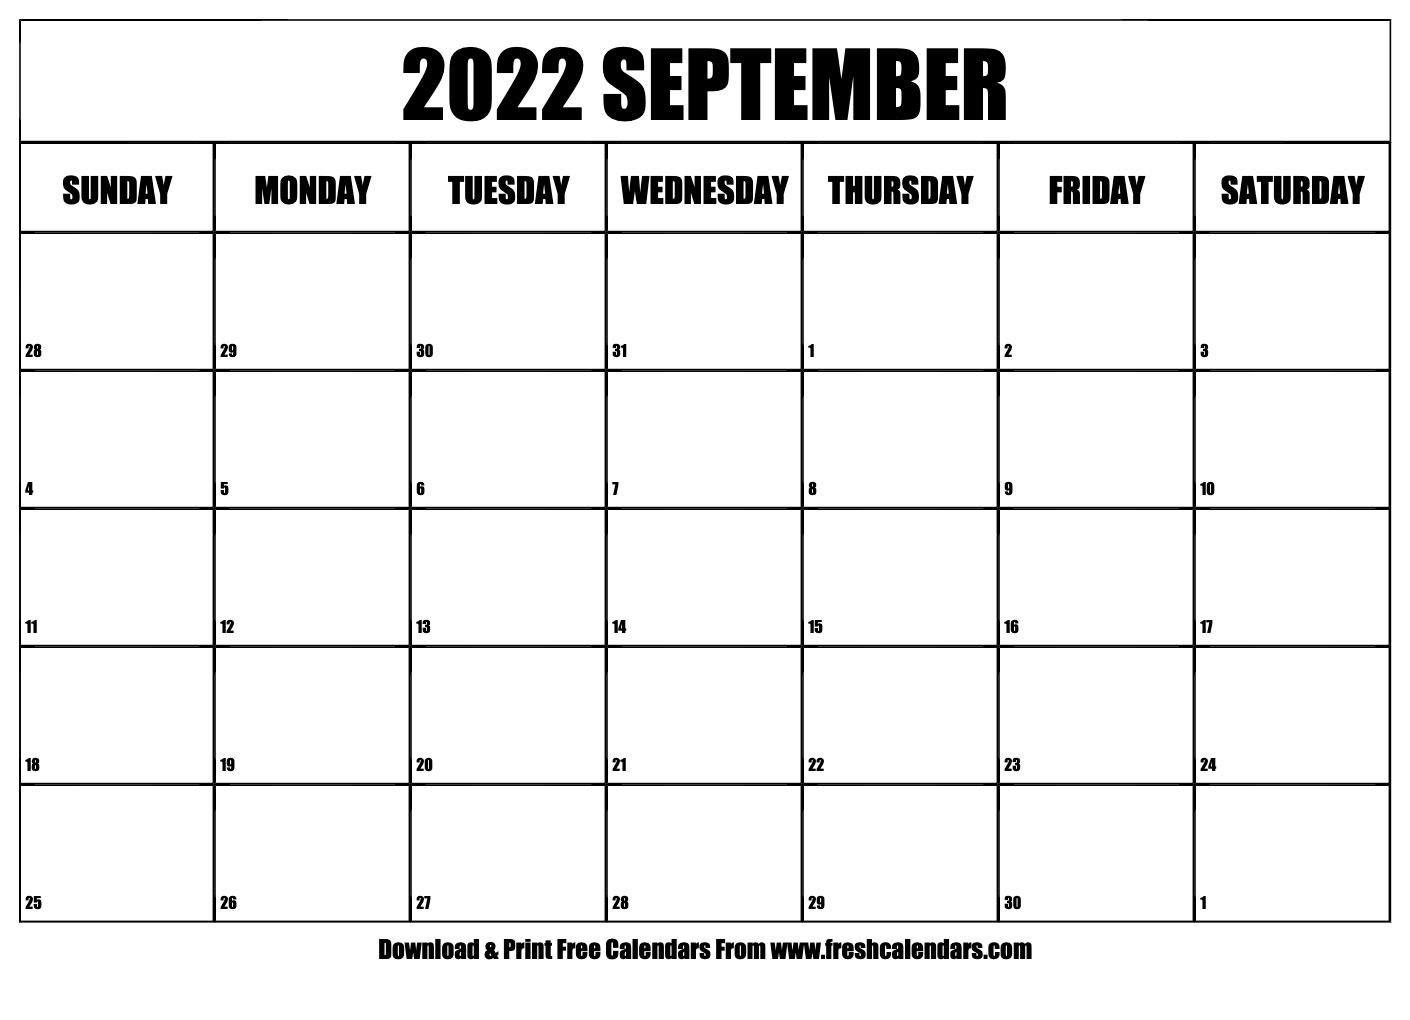 blank printable september 2022 calendars::September 2022 Cute Calendar Free